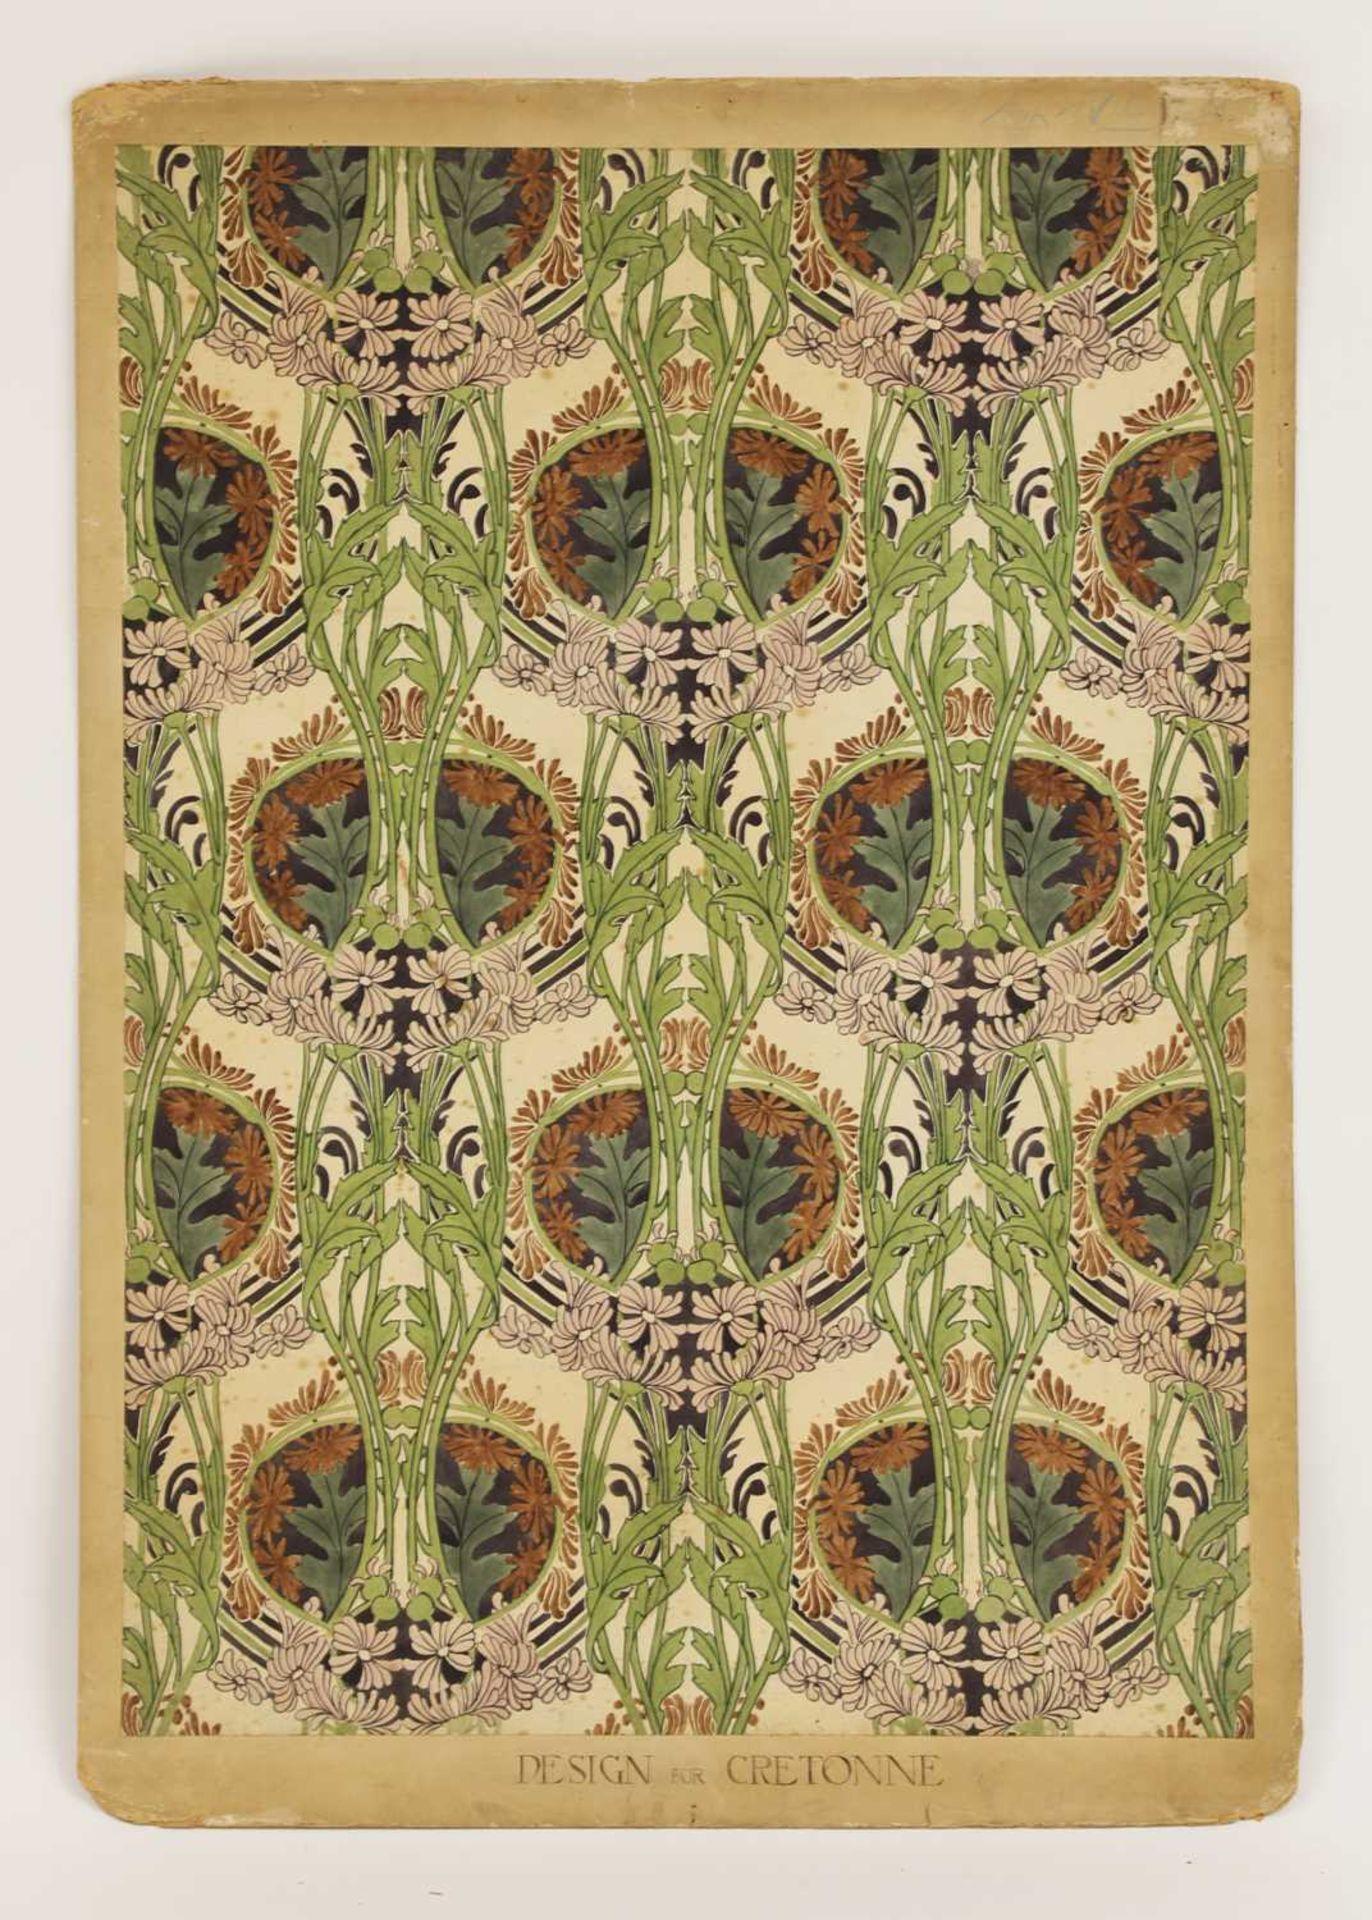 'Designs for Cretonne' - Image 5 of 7